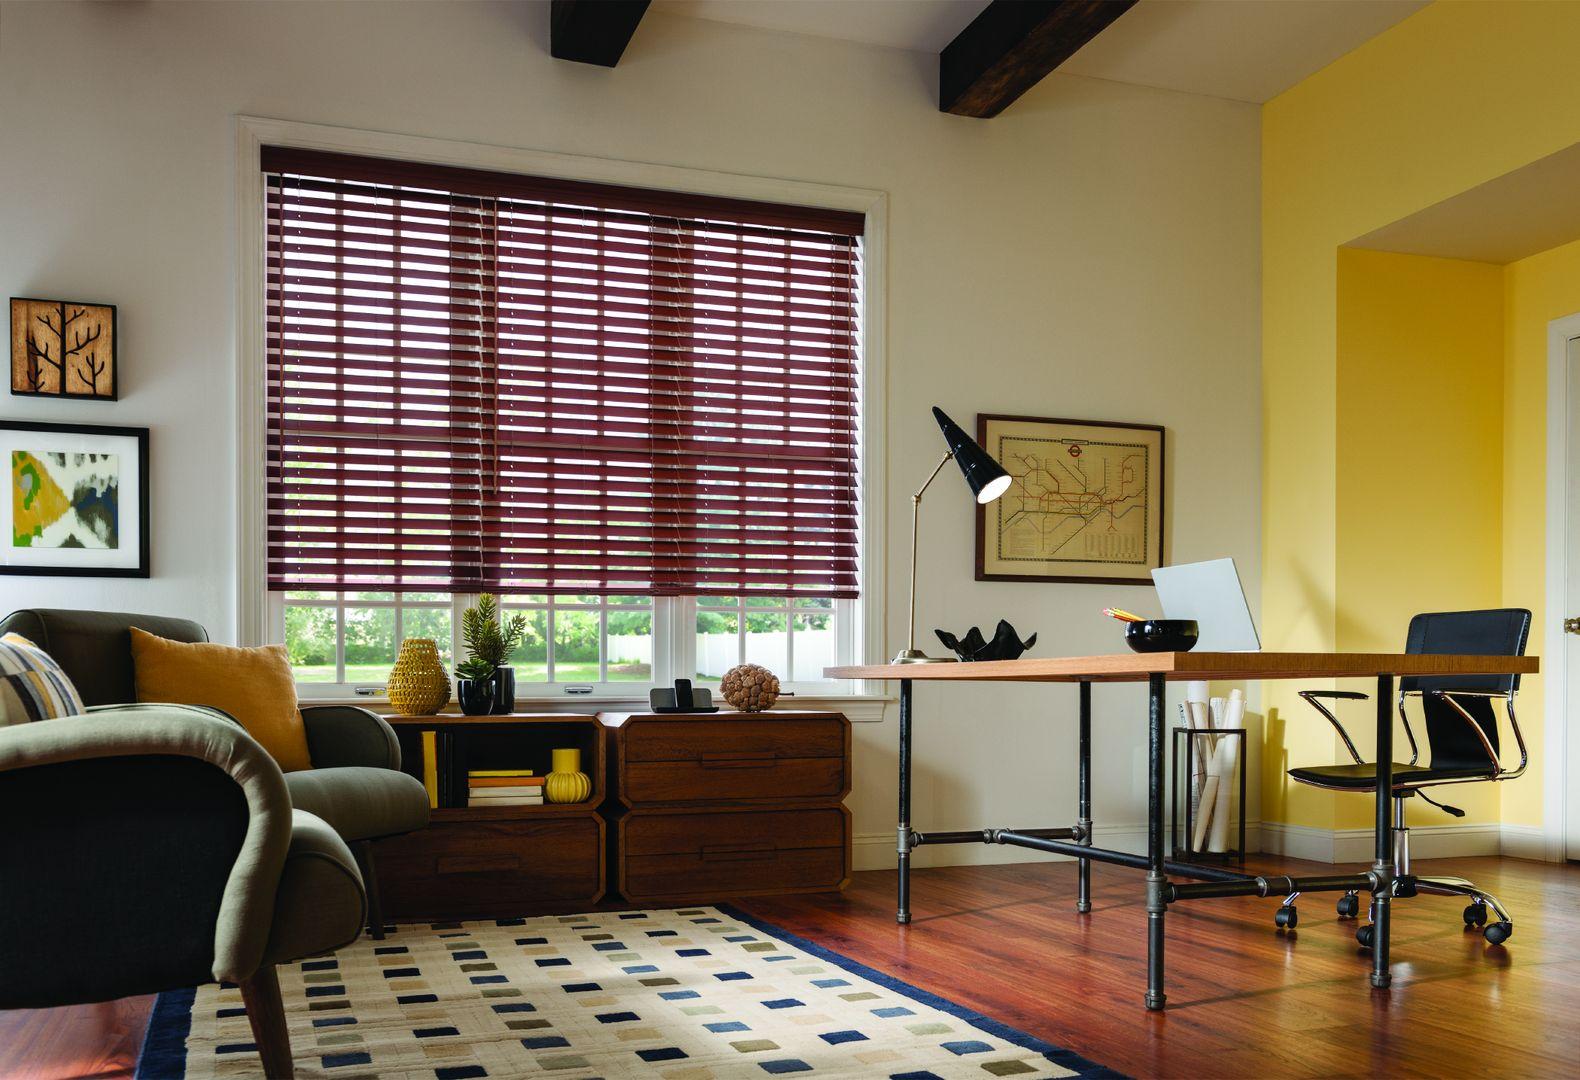 Вместе с деревянными жалюзи используйте в комнате иные элементы декора из природных материалов